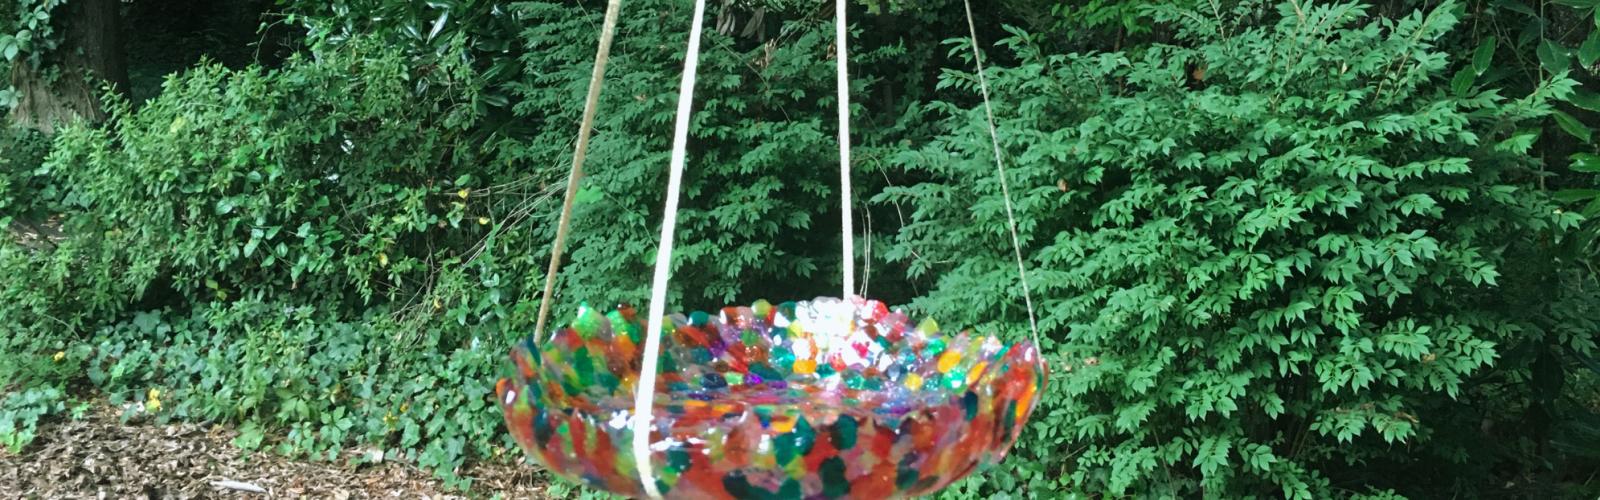 Colorful Birdbath